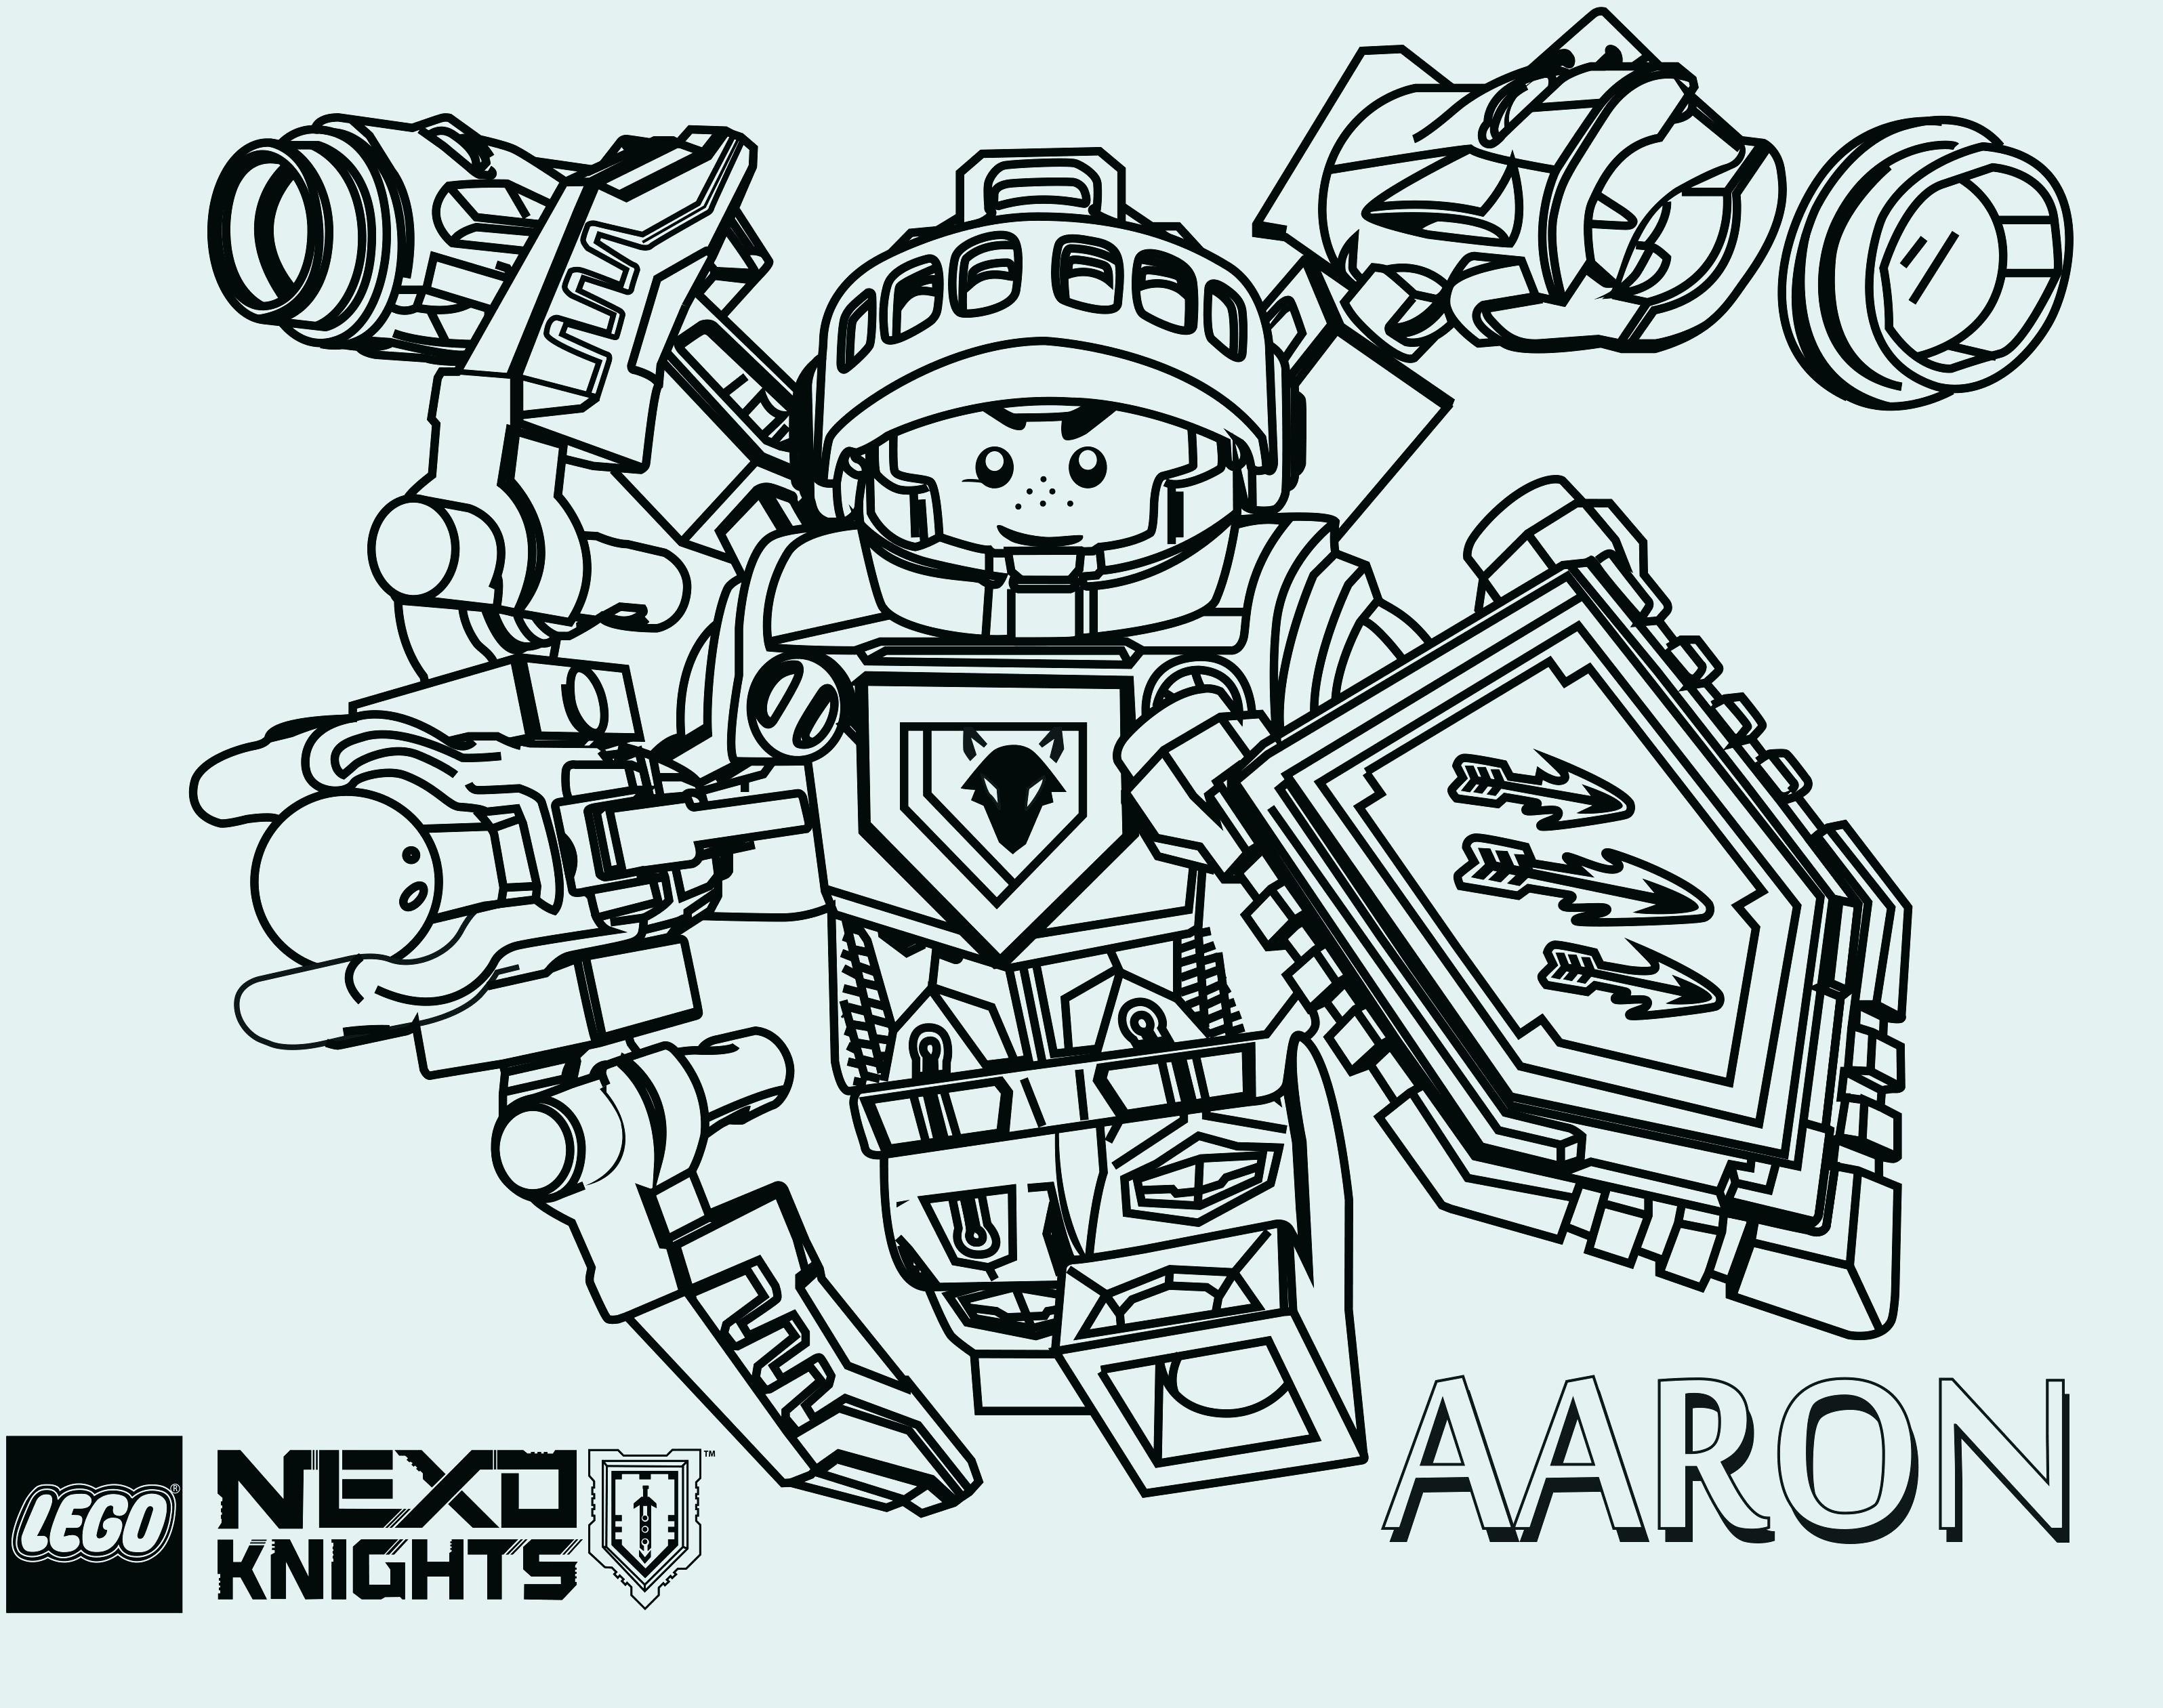 Ausmalbild Nexo Knights Inspirierend 99 Frisch Ausmalbilder Lego Nexo Knights Galerie Galerie